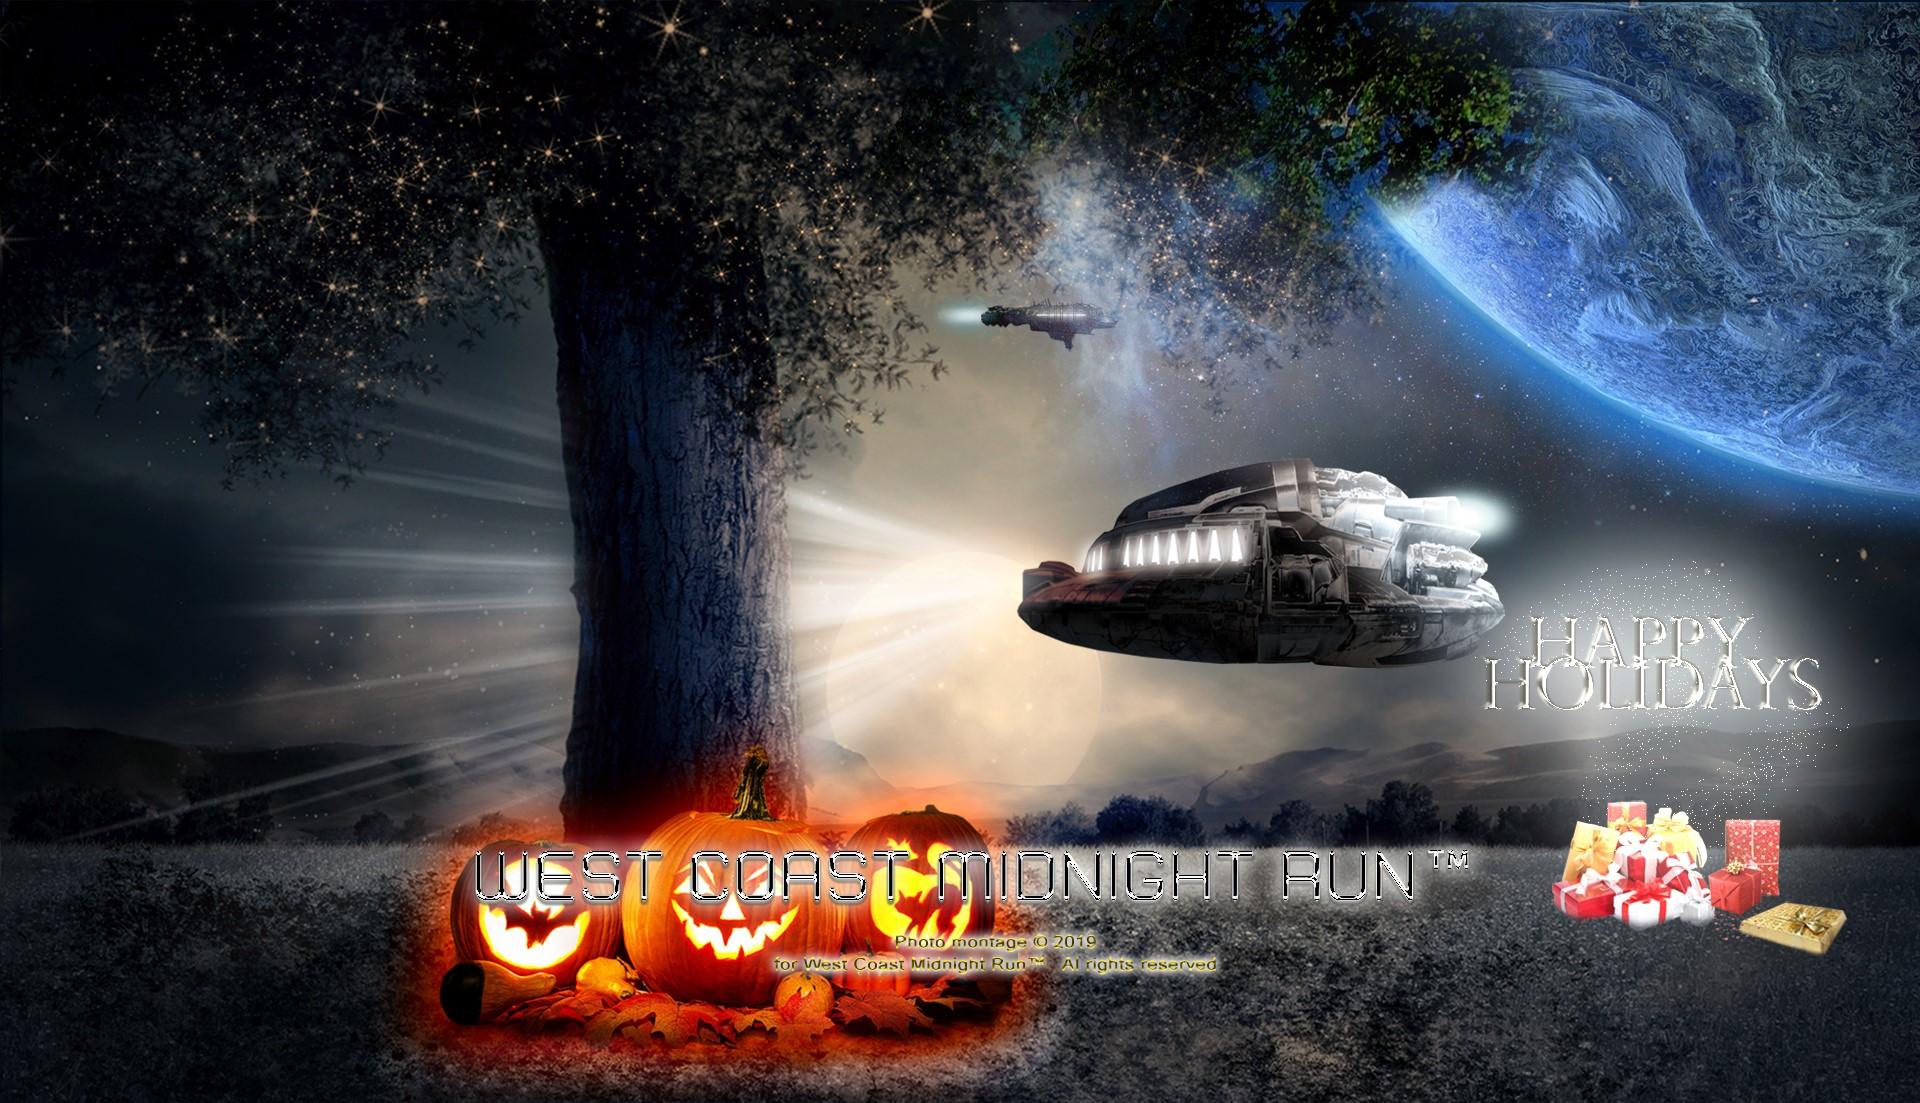 Holidays UFO Landing